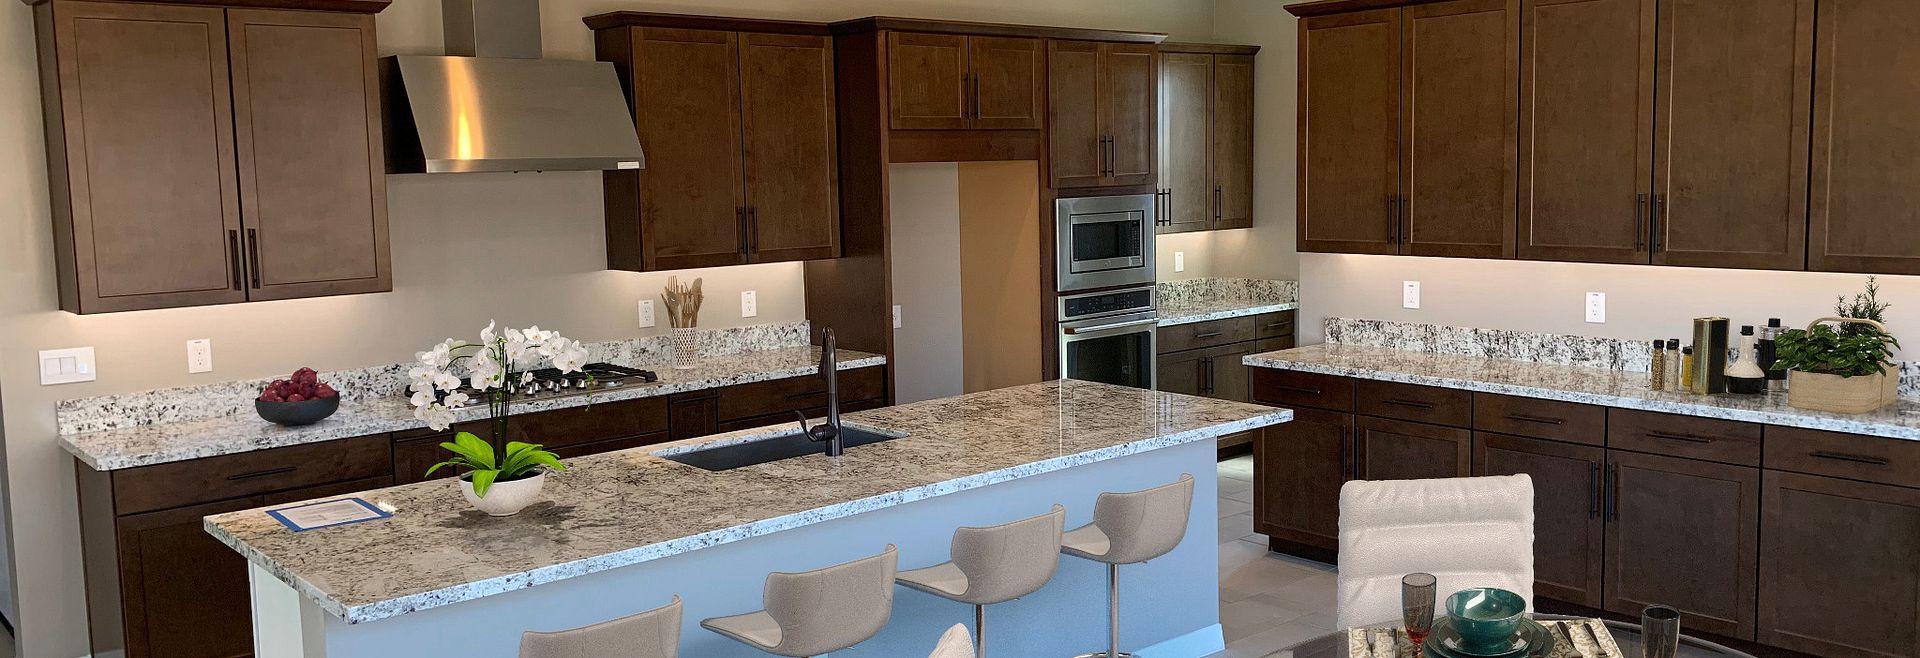 Origin Homesite 274 Kitchen